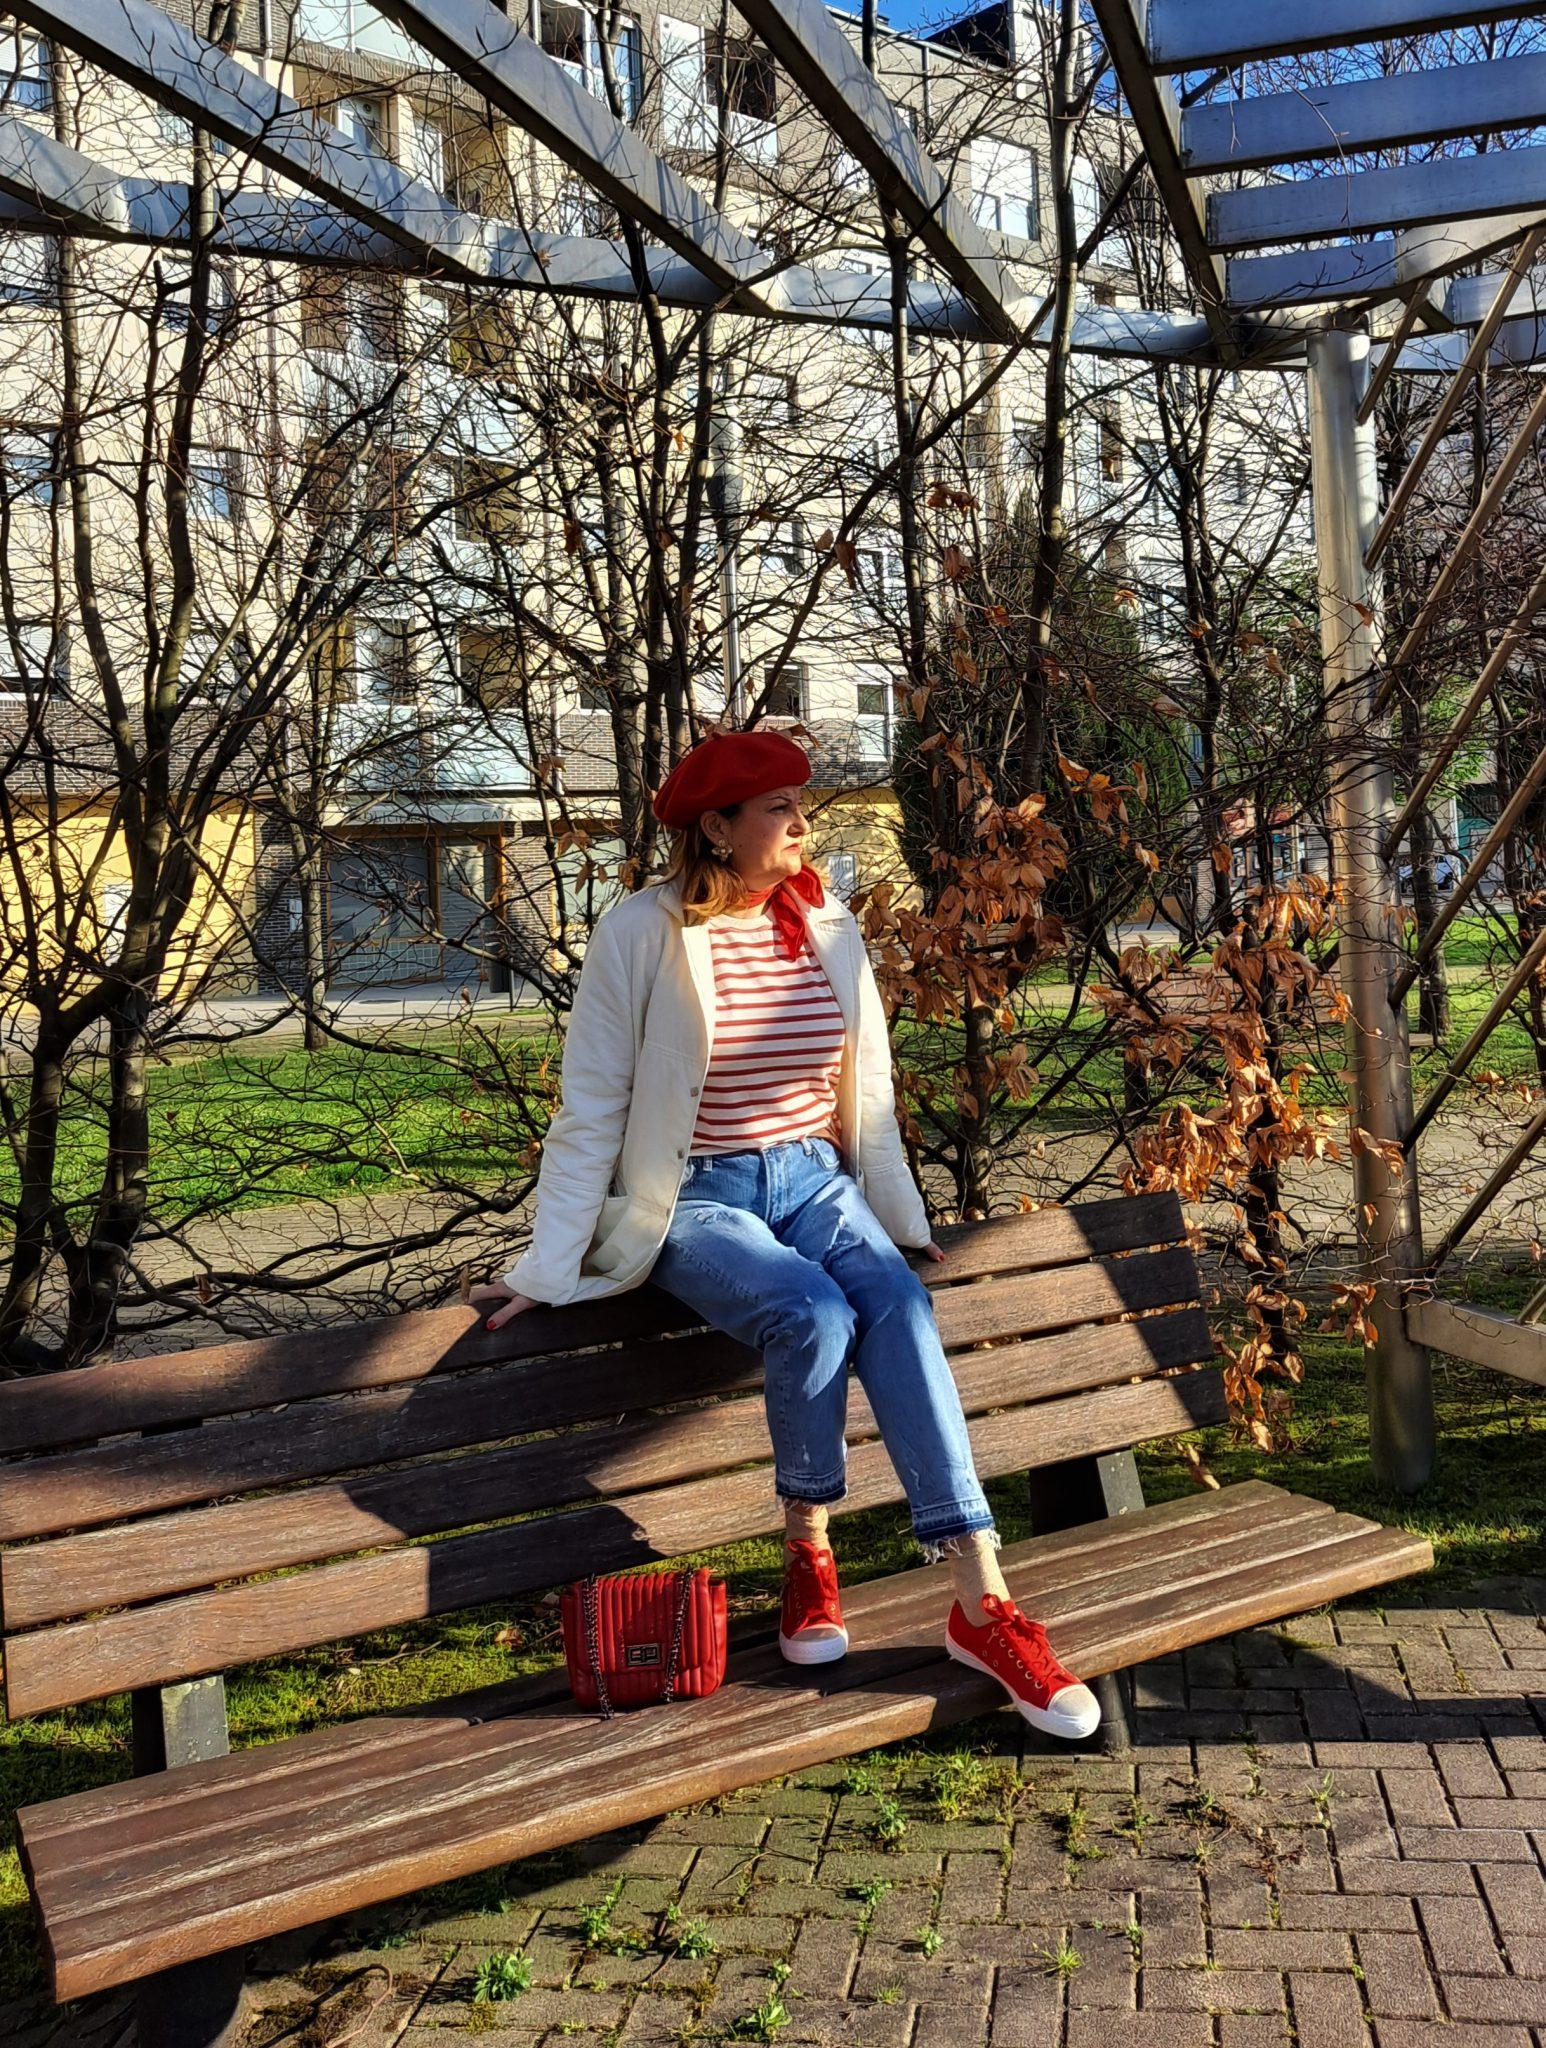 abuela a la ultima sentada en un banco con su boina roja y jersey de rayas